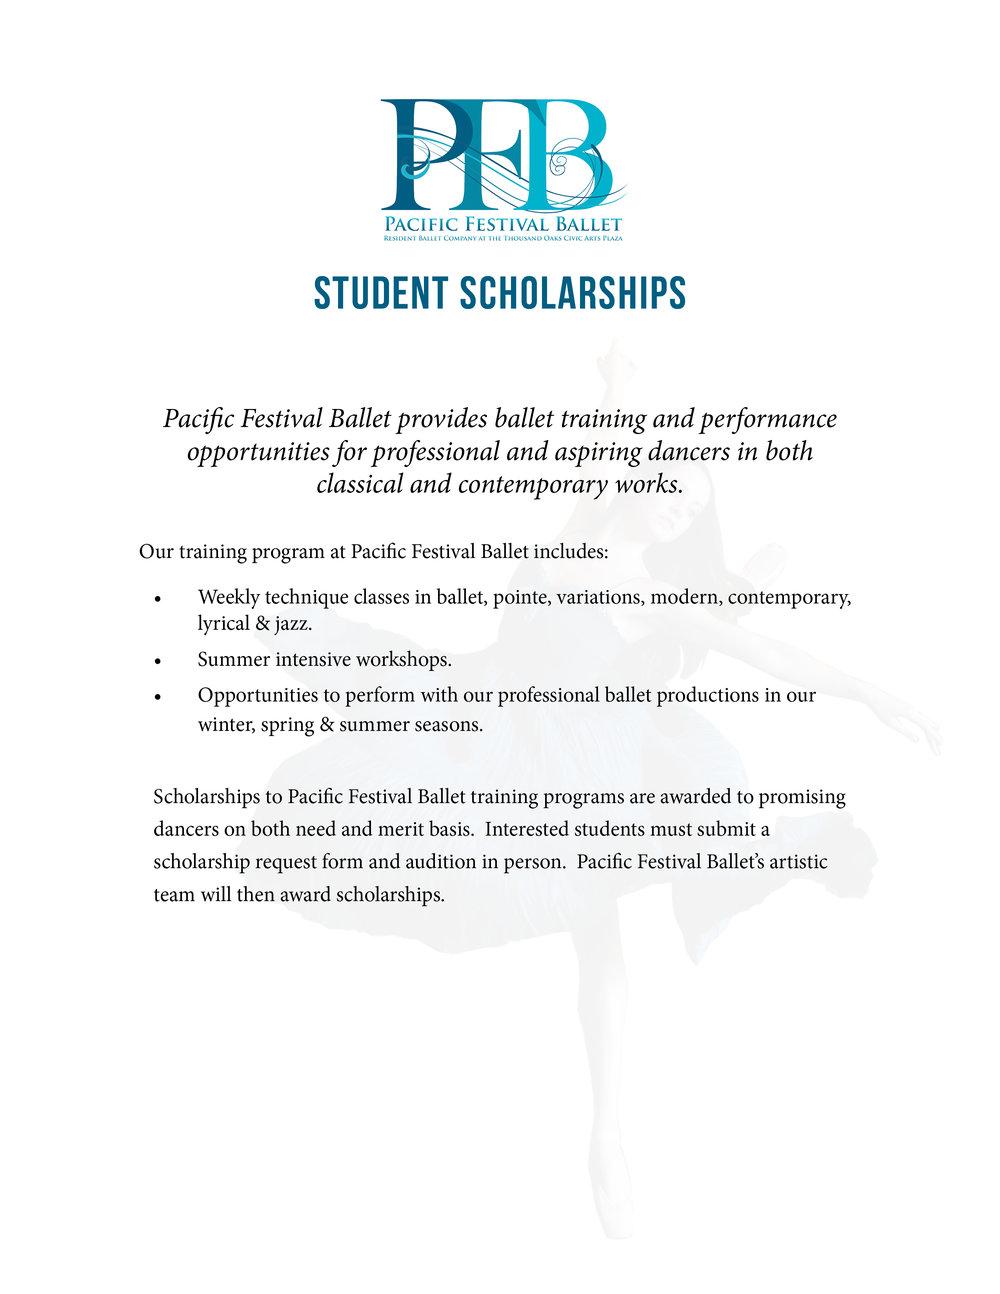 PFB Scholarship Letter.jpg